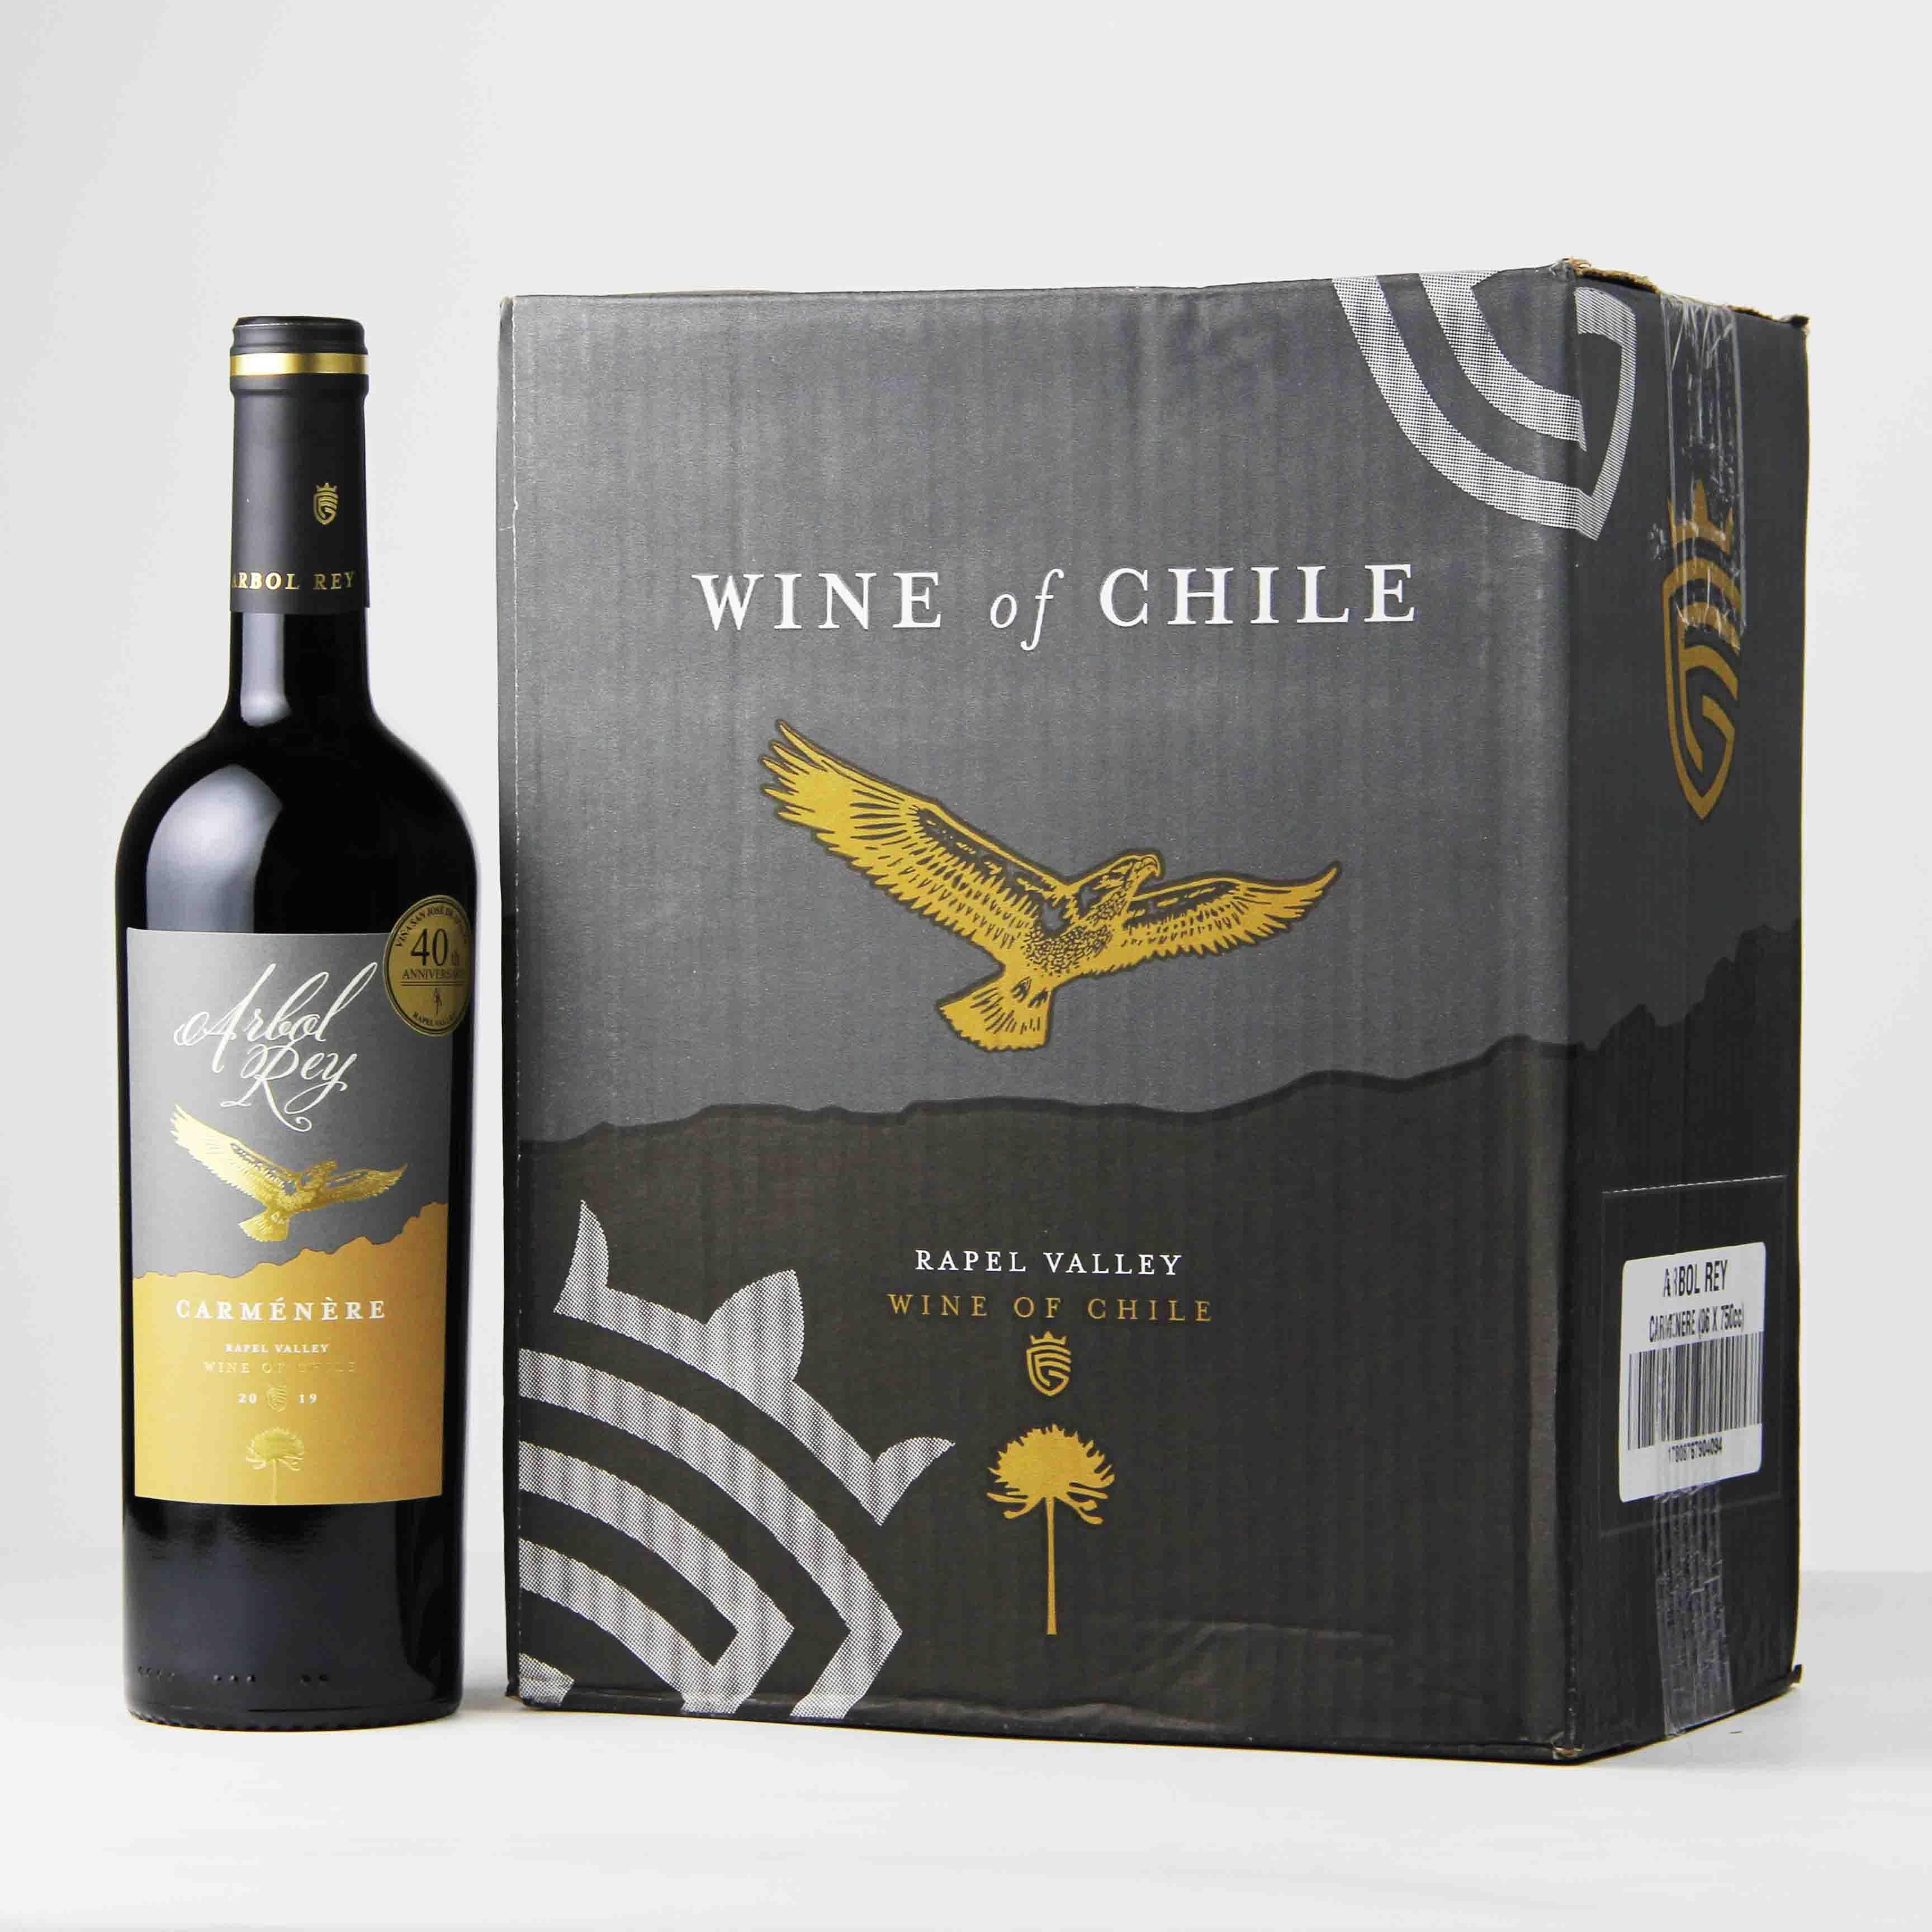 智利拉佩尔谷森林之王经典佳美娜干红葡萄酒